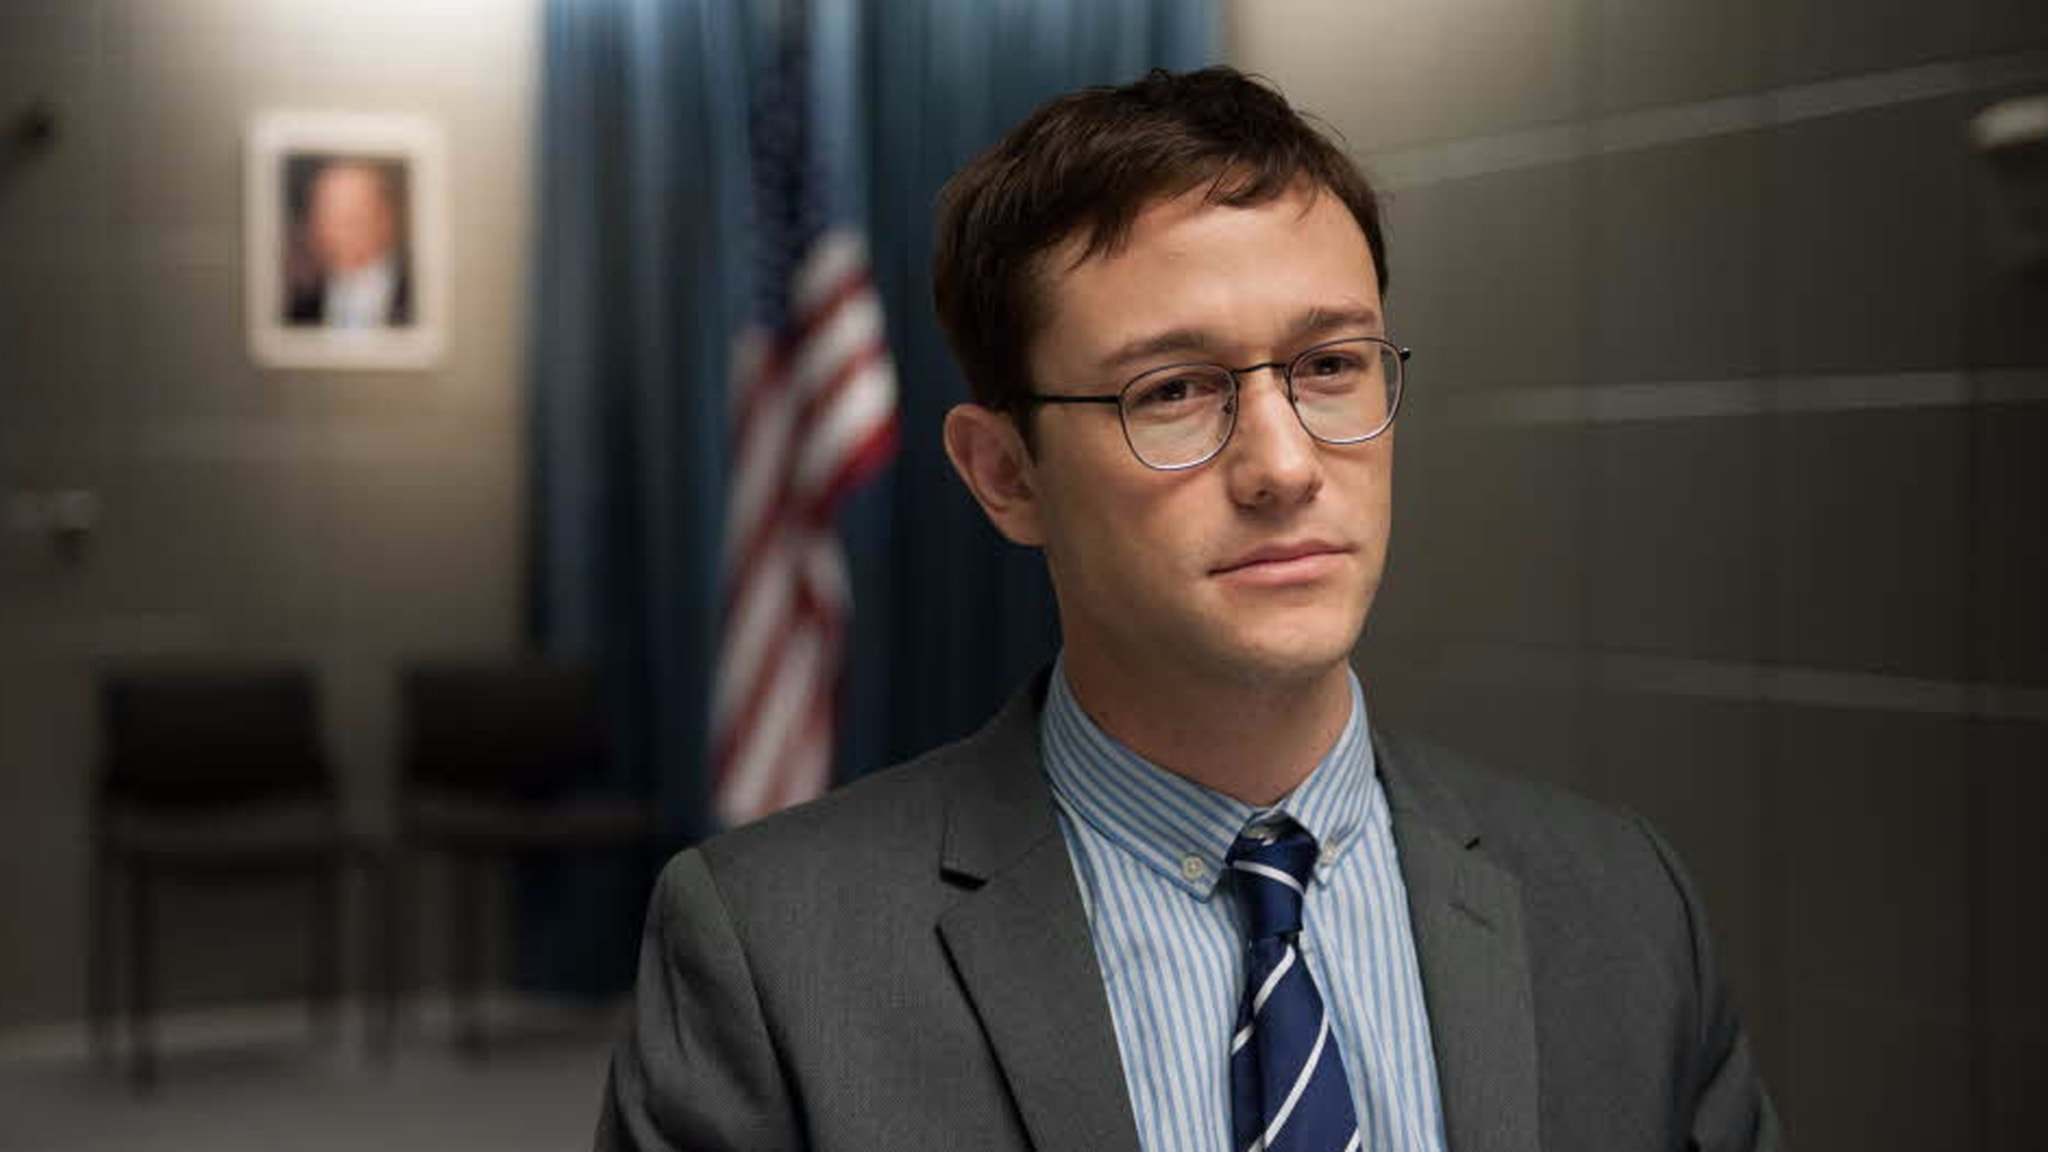 Vecka 37: Idolporträtt av Snowden och ett kärt återseende